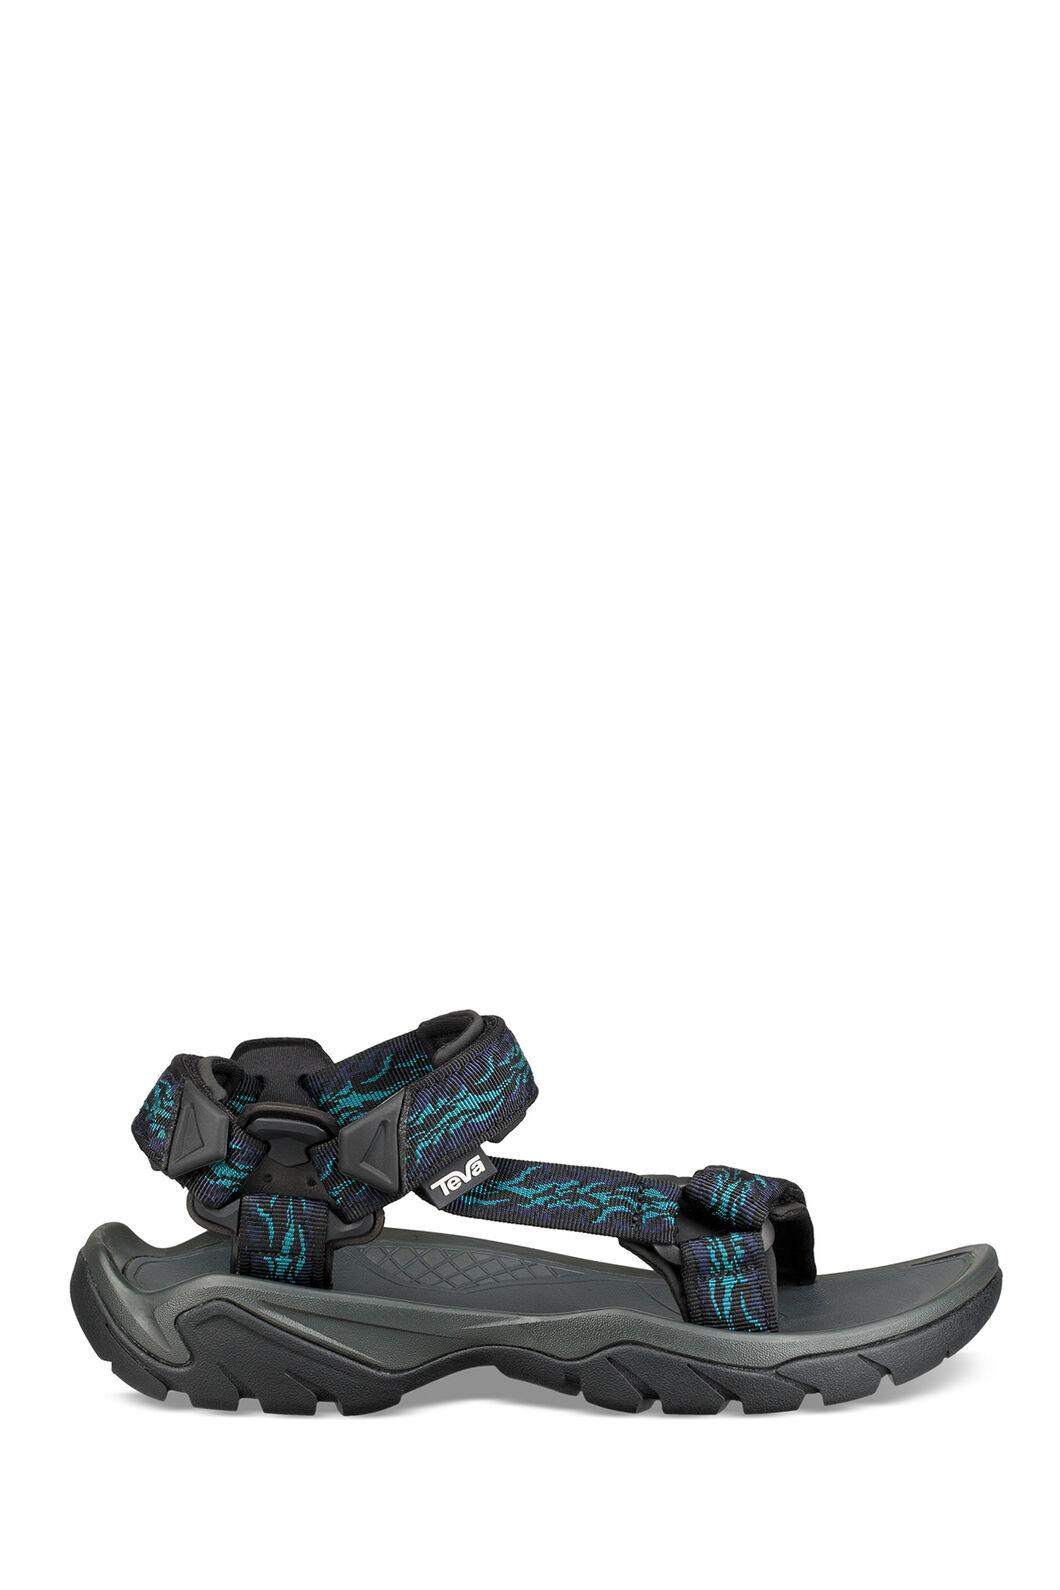 Teva Terra FI 5 Universal Sandals — Men's, Black Print, hi-res